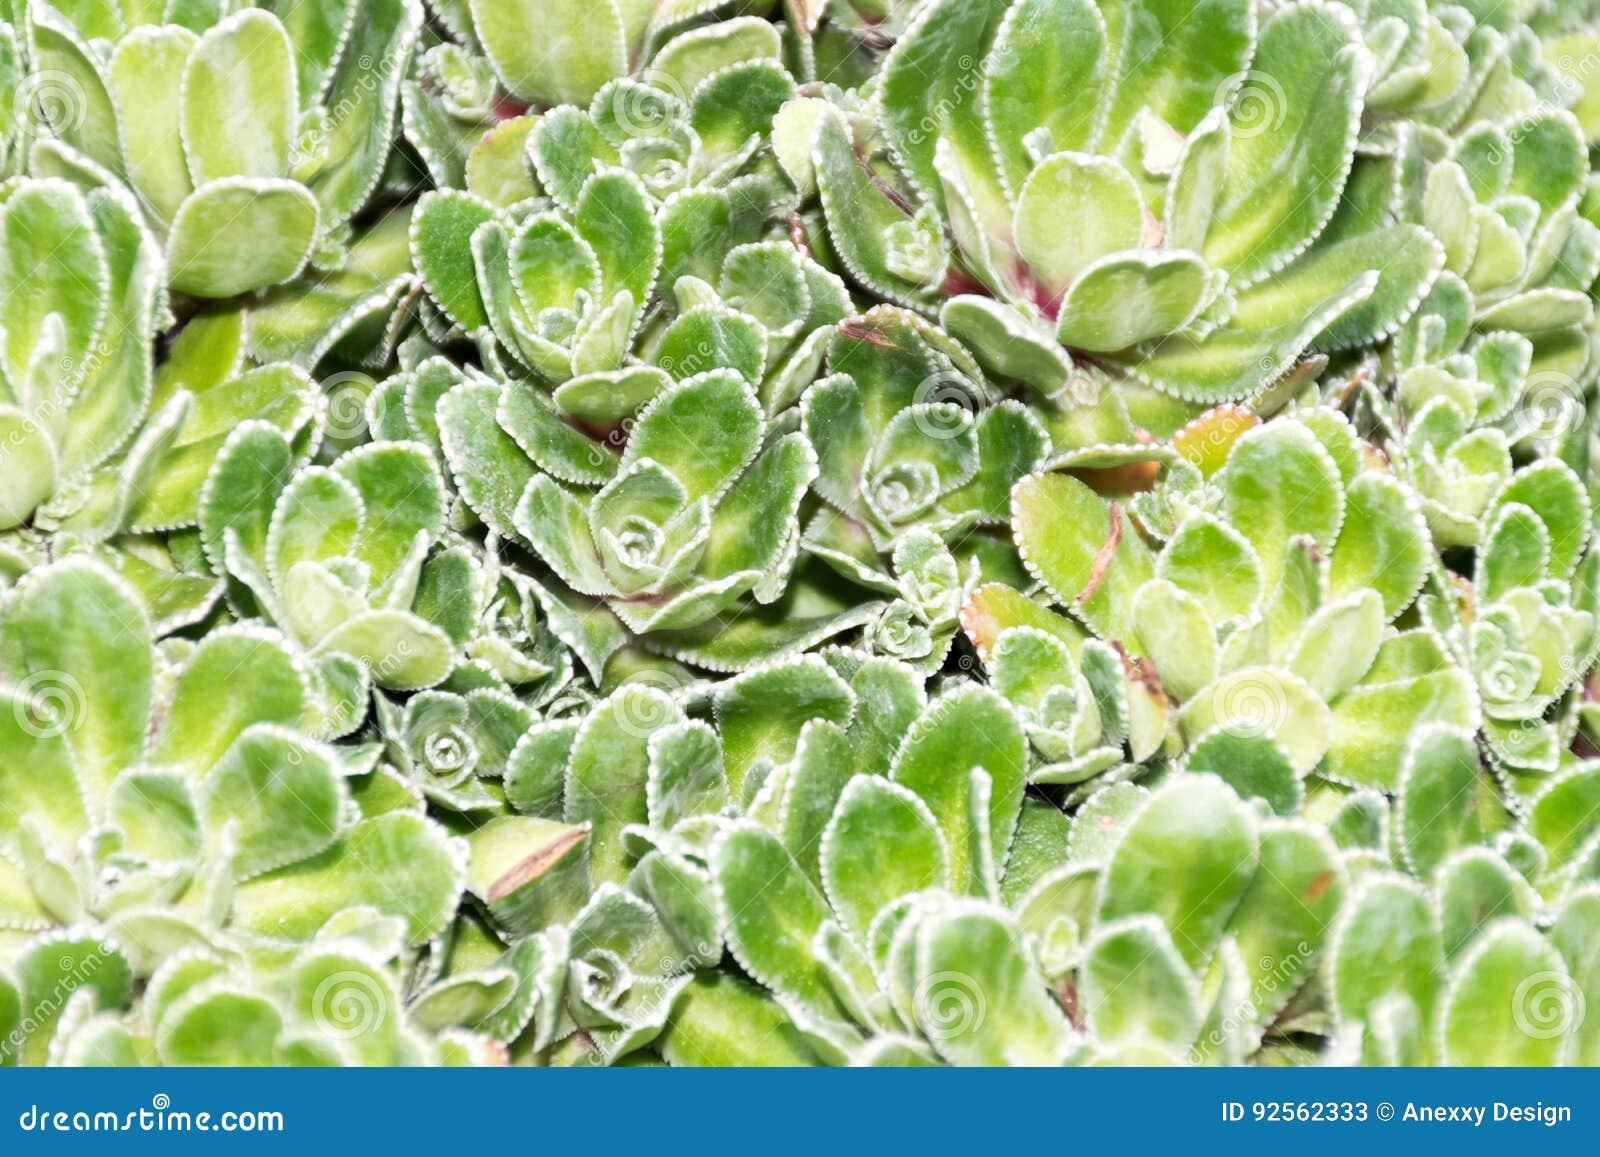 Kaktus nah oben im Garten